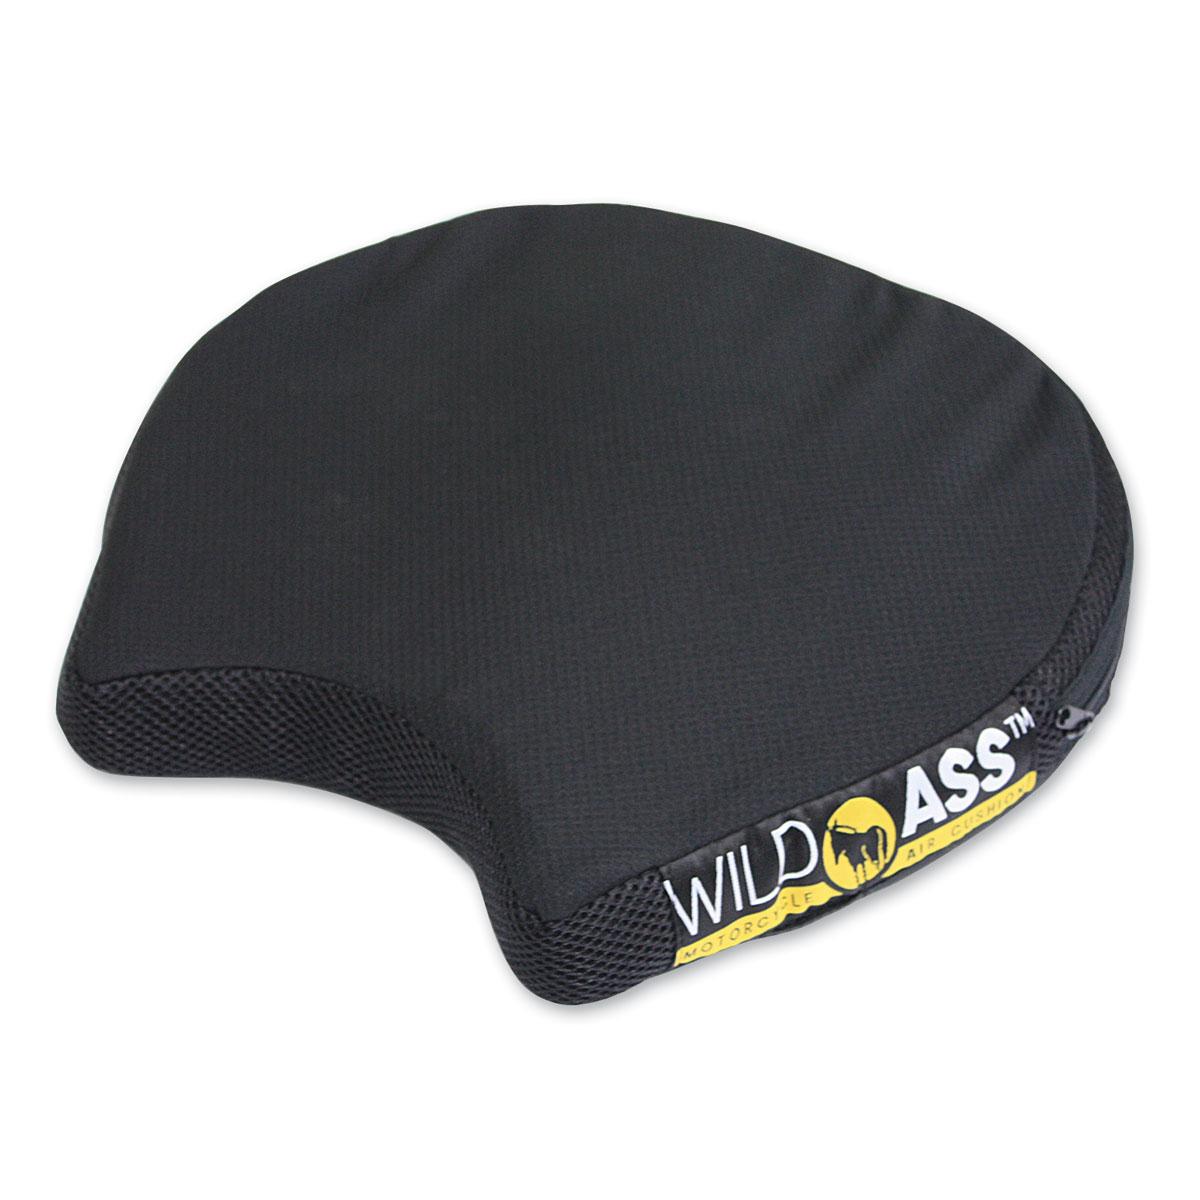 Wild Ass Smart Design Lite Air Cushion Seat Pad